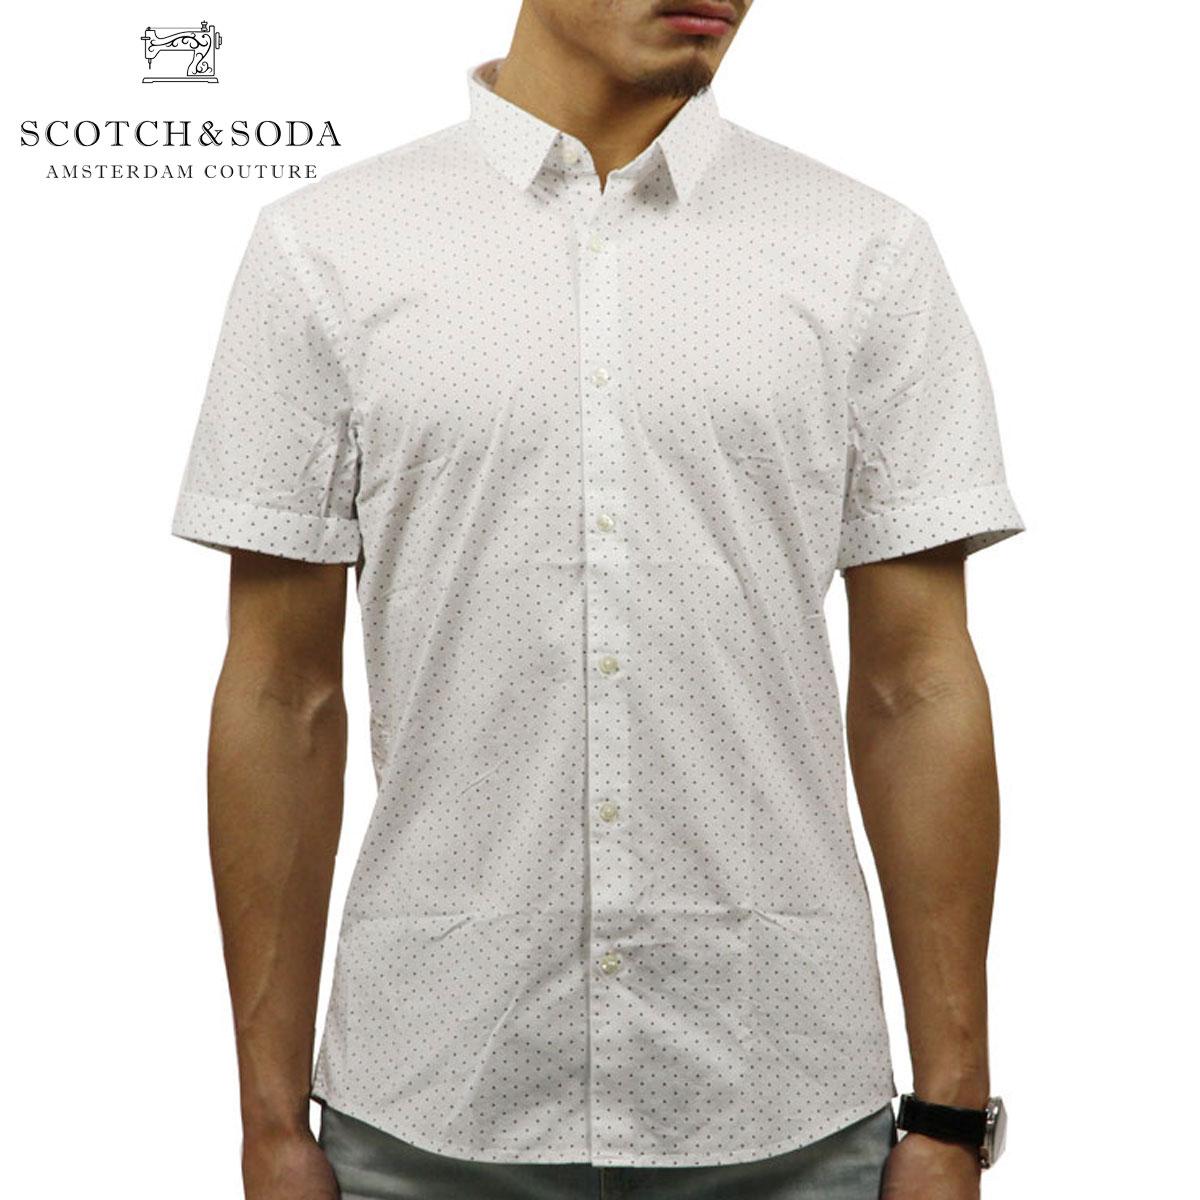 スコッチアンドソーダ SCOTCH&SODA 正規販売店 メンズ 半袖ドレスシャツ CLASSIC SHORTSLEEVE SHIRT 136336 0218 COMBO B